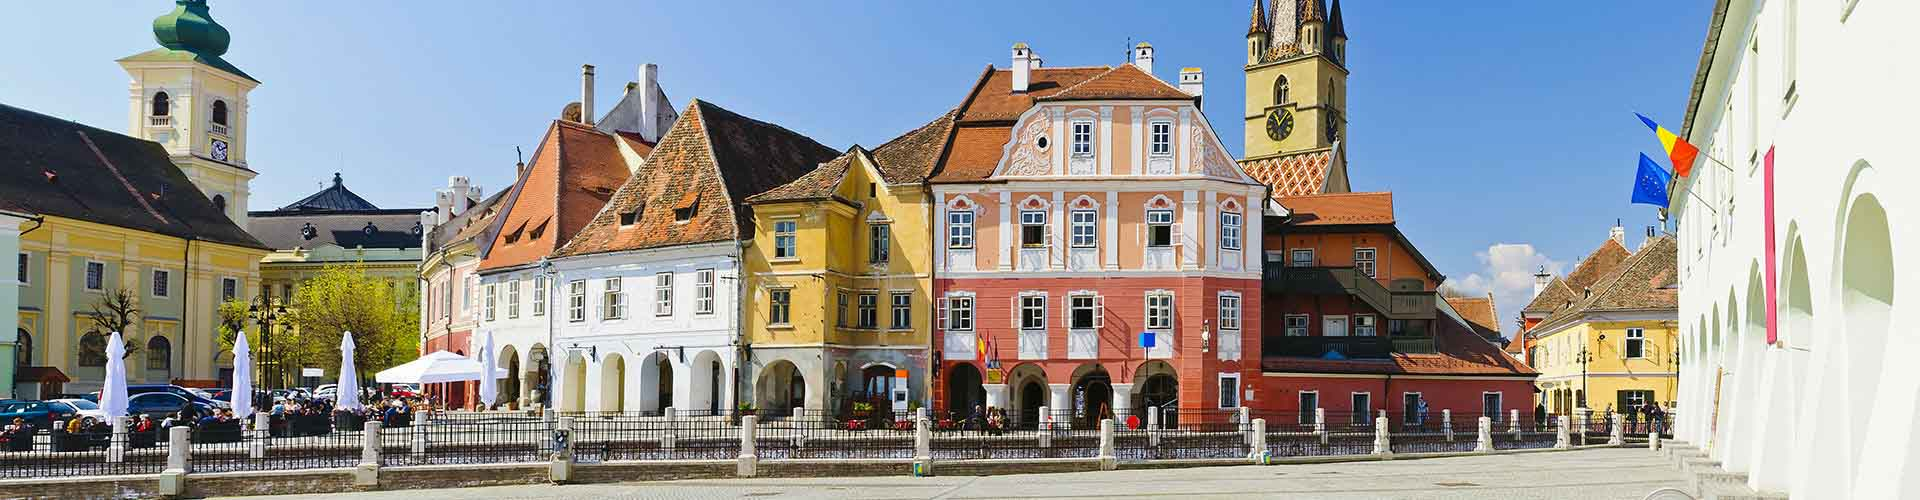 Sibiu - Chambres à Sibiu. Cartes pour Sibiu, photos et commentaires pour chaque chambre à Sibiu.